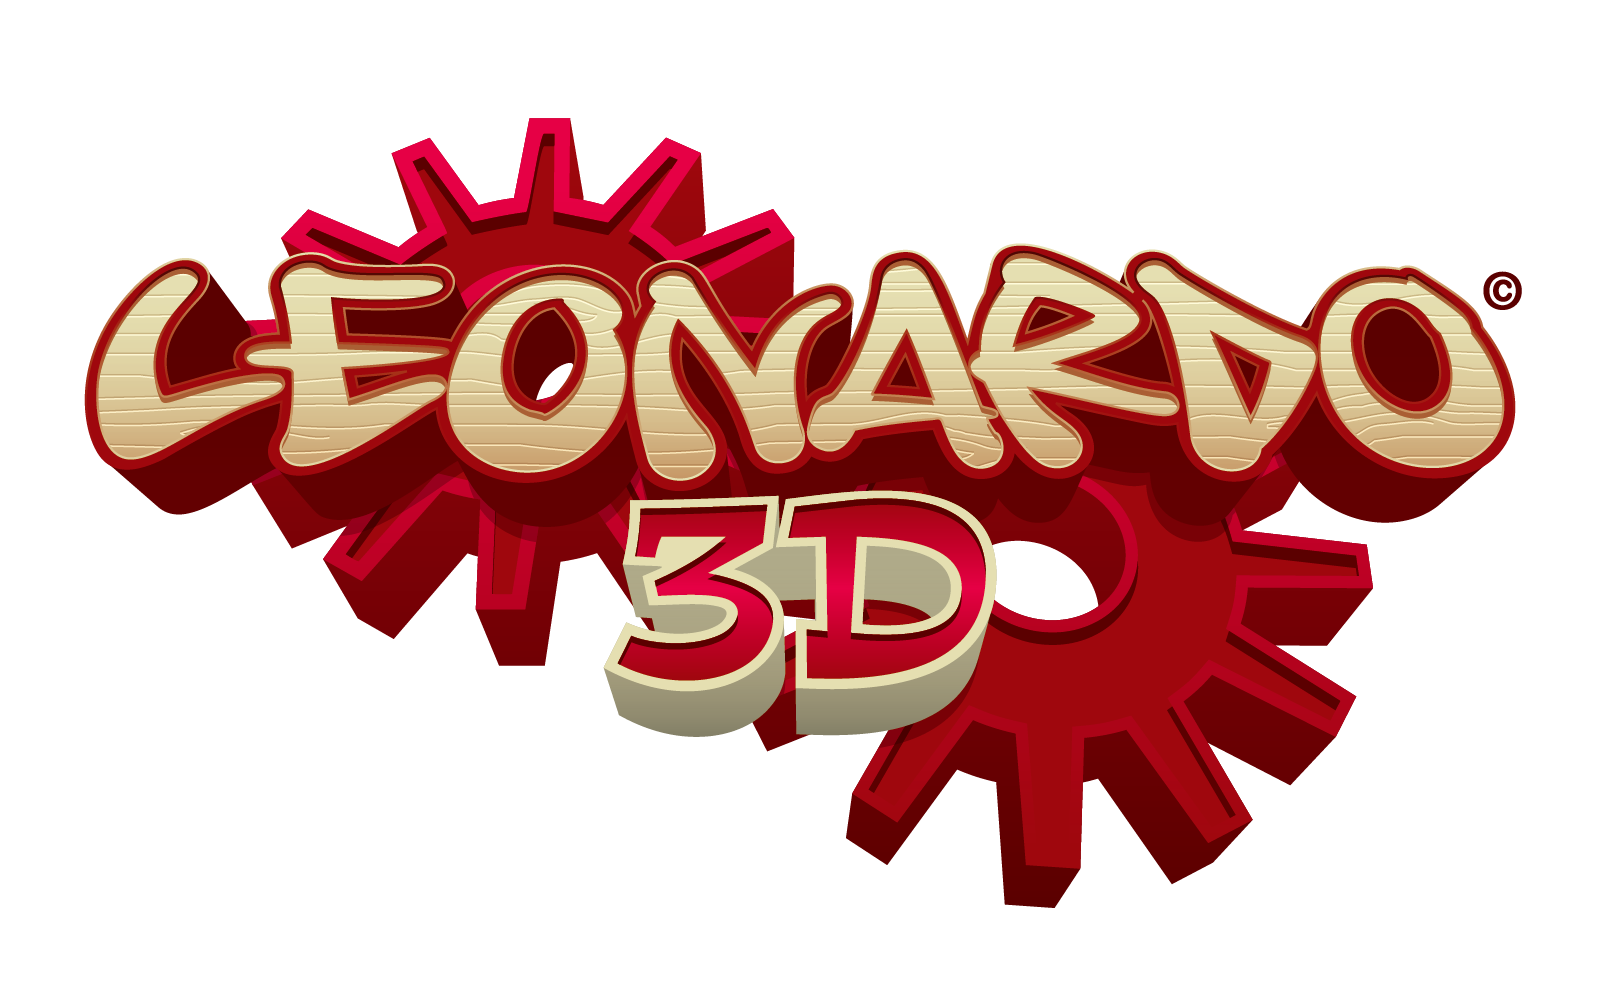 Logo_Leonardo_3D_new